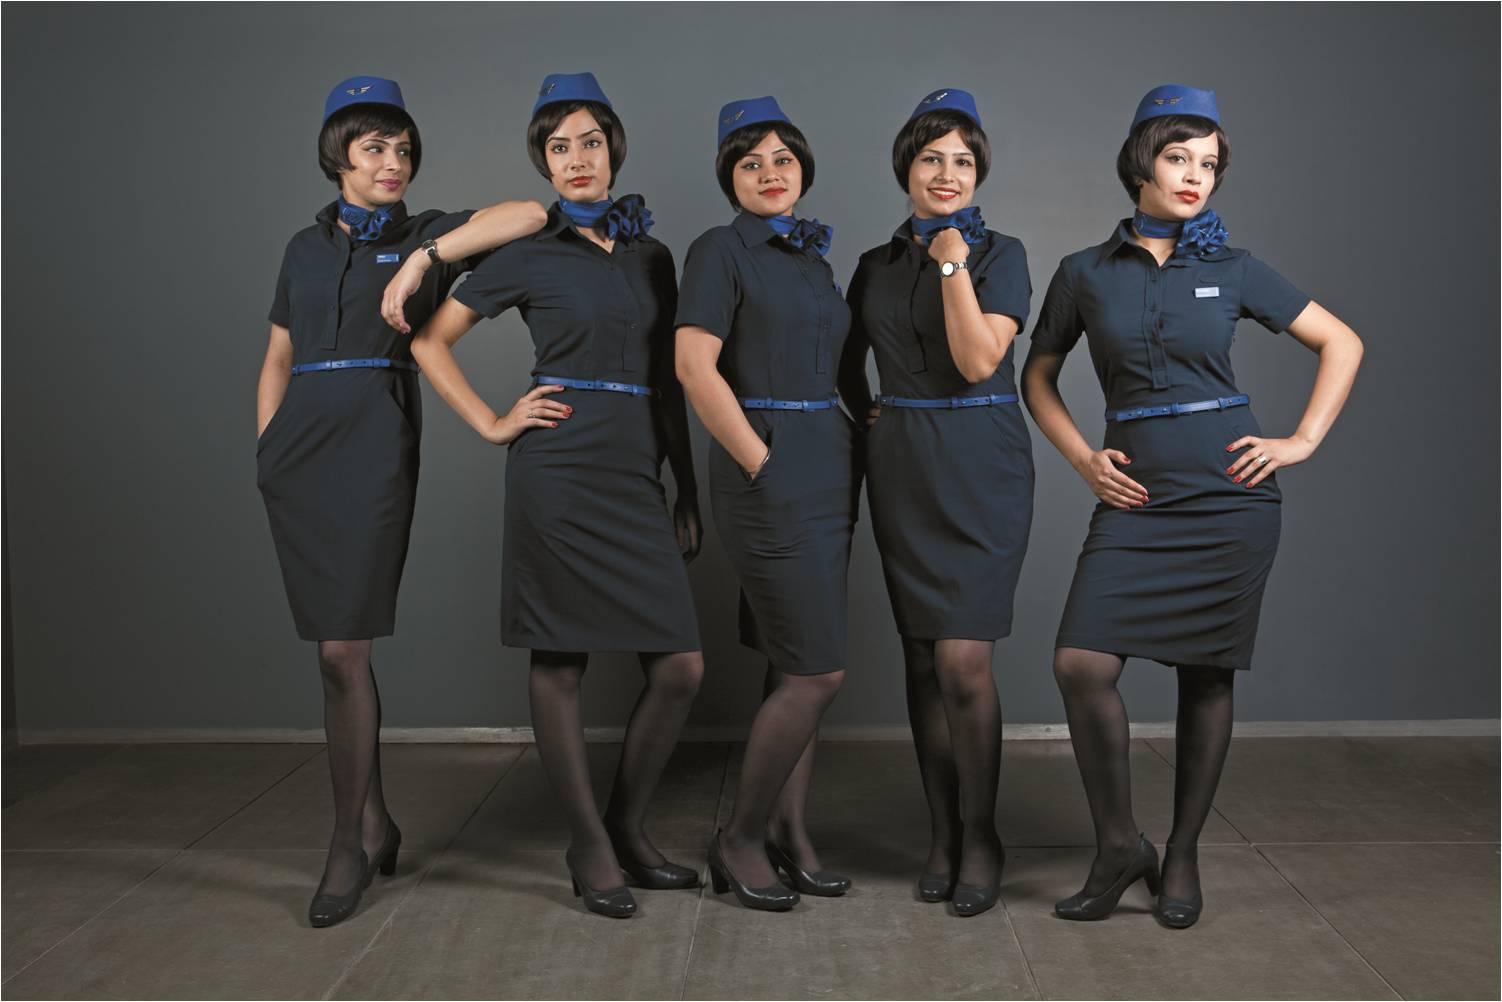 Air hostess resumes india